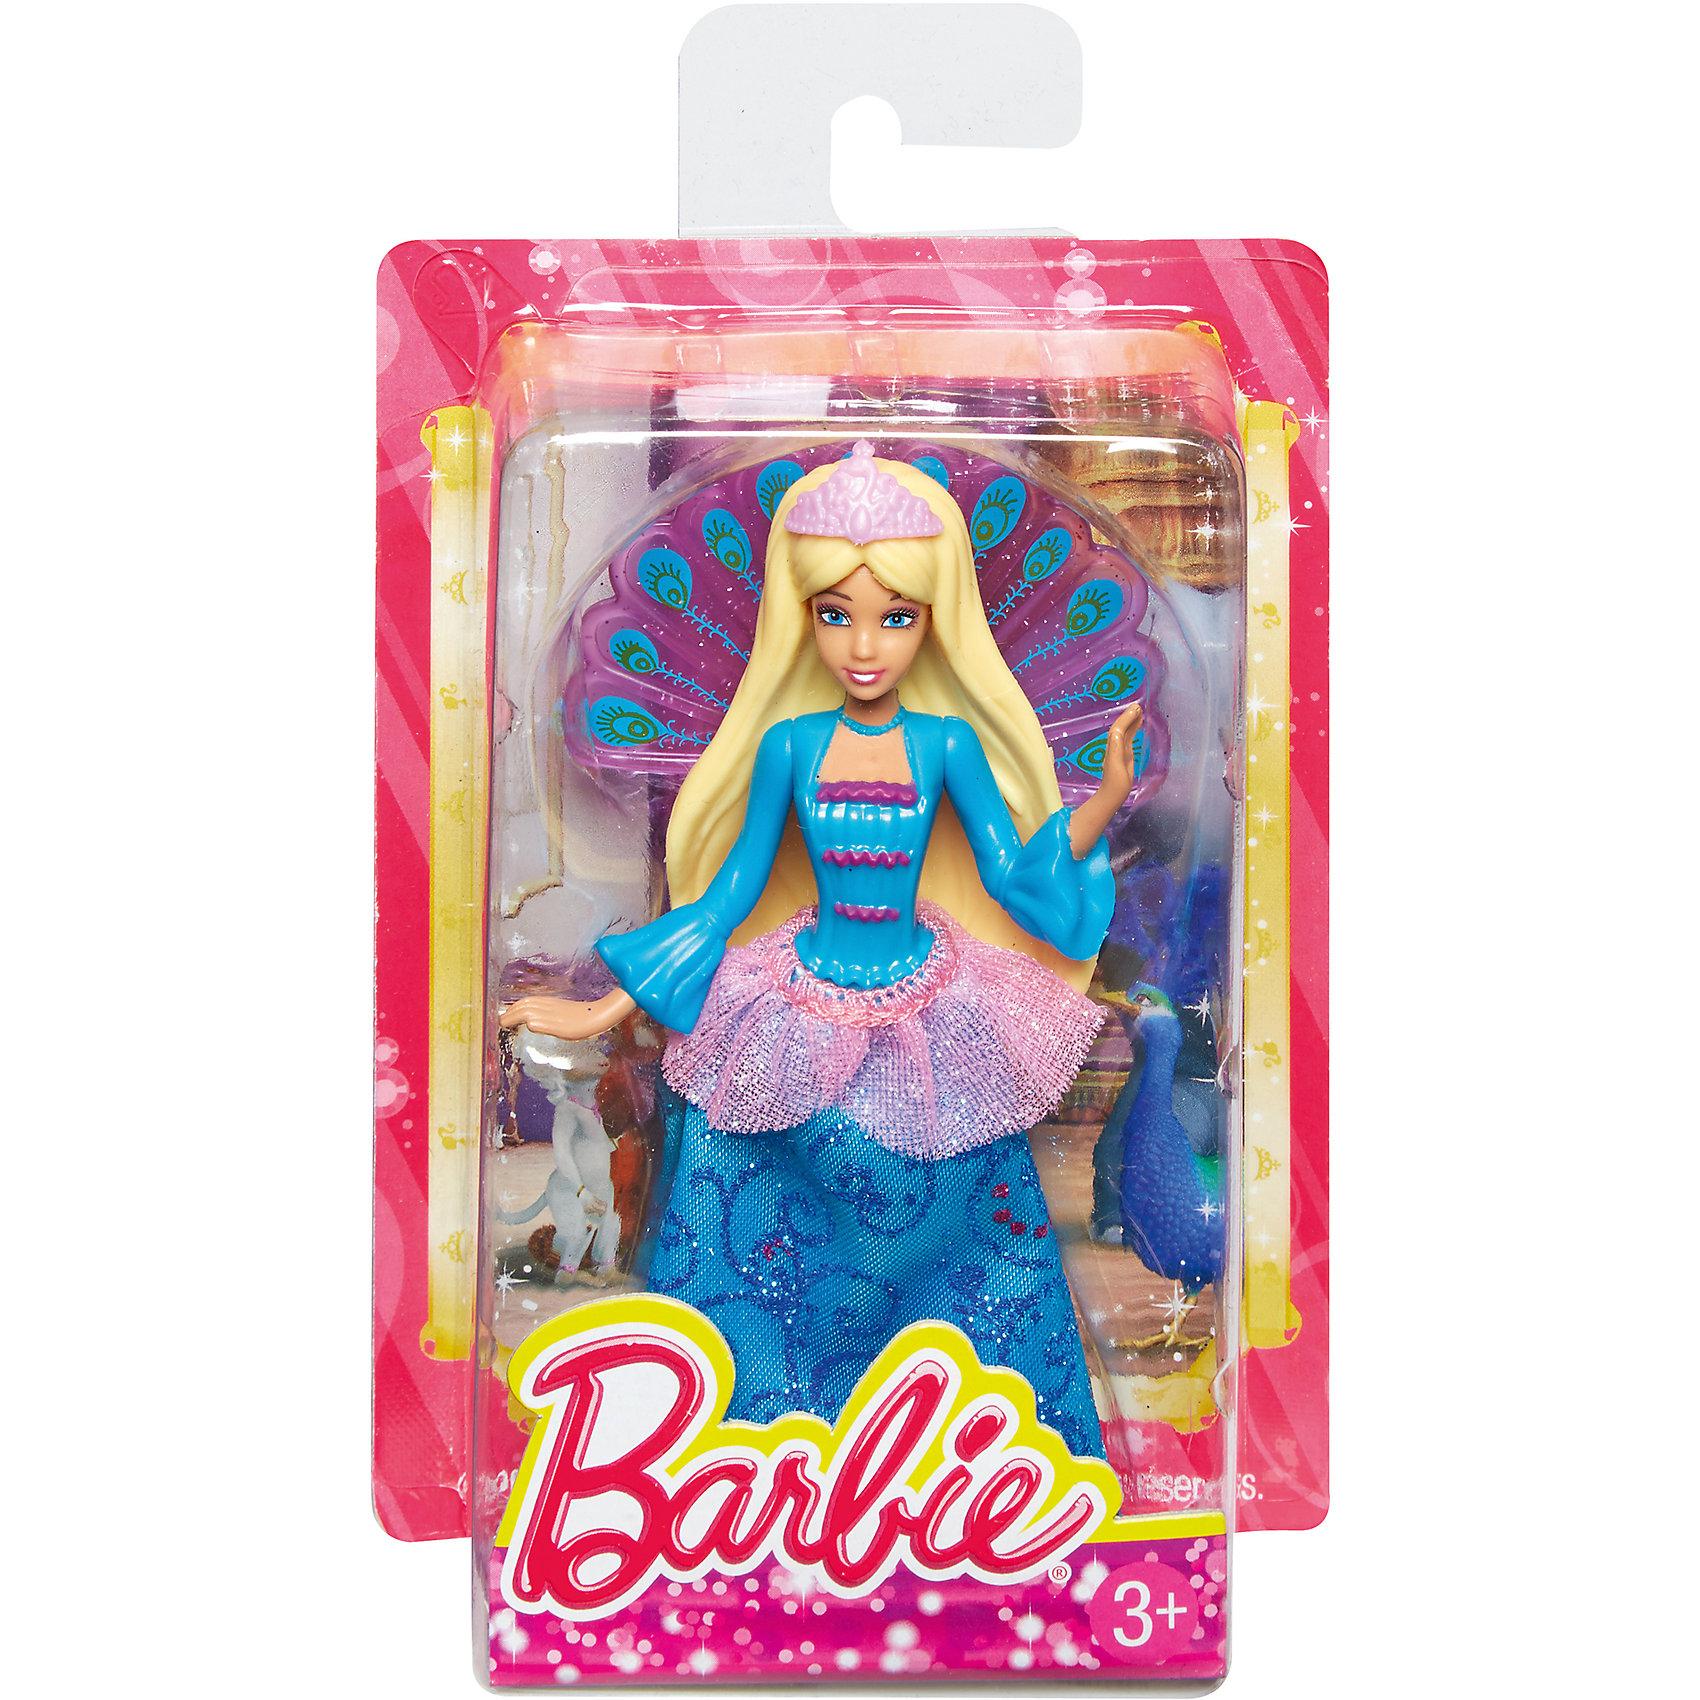 Сказочная мини-кукла, BarbieПопулярные игрушки<br>Сказочная мини-кукла Барби - отличный вариант подарка для любительницы этих кукол. Продается игрушка в красивой тематической упаковке. Она очень волшебно выглядит! Это - сказочная принцесса, которых обожают все девочки.<br>Такие игрушки помогают развить мелкую моторику, логическое мышление и воображение ребенка. Игры с куклами помогают девочкам проходить социализацию и прививают чувство вкуса. Эта игрушка выполнена из текстиля и высококачественного прочного пластика, безопасного для детей, отлично детализирована.<br><br>Дополнительная информация:<br> <br>цвет: разноцветный;<br>материал: пластик, волосы - резина;<br>размер упаковки: 30?90х130 см.<br><br>Сказочную мини-куклу, Barbie от компании Mattel можно купить в нашем магазине.<br><br>Ширина мм: 30<br>Глубина мм: 90<br>Высота мм: 130<br>Вес г: 49<br>Возраст от месяцев: 36<br>Возраст до месяцев: 96<br>Пол: Женский<br>Возраст: Детский<br>SKU: 4791161